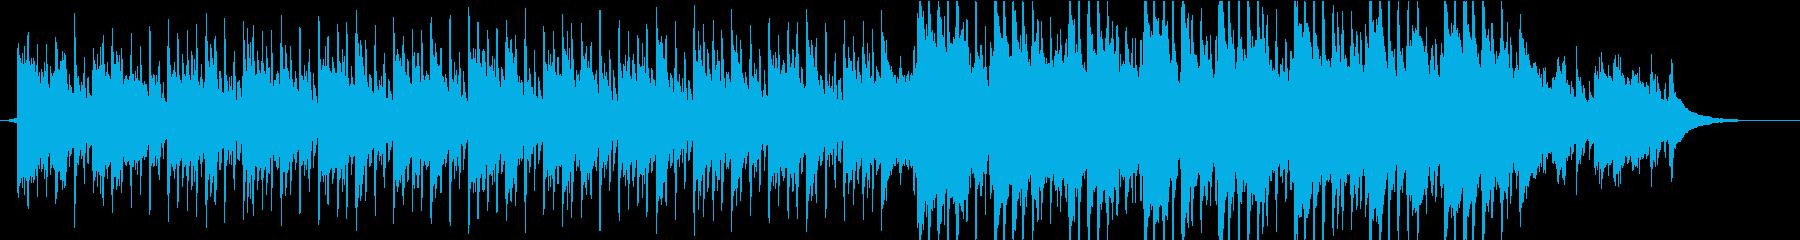 企業VP 透明感 アコギ 4つ打ちの再生済みの波形